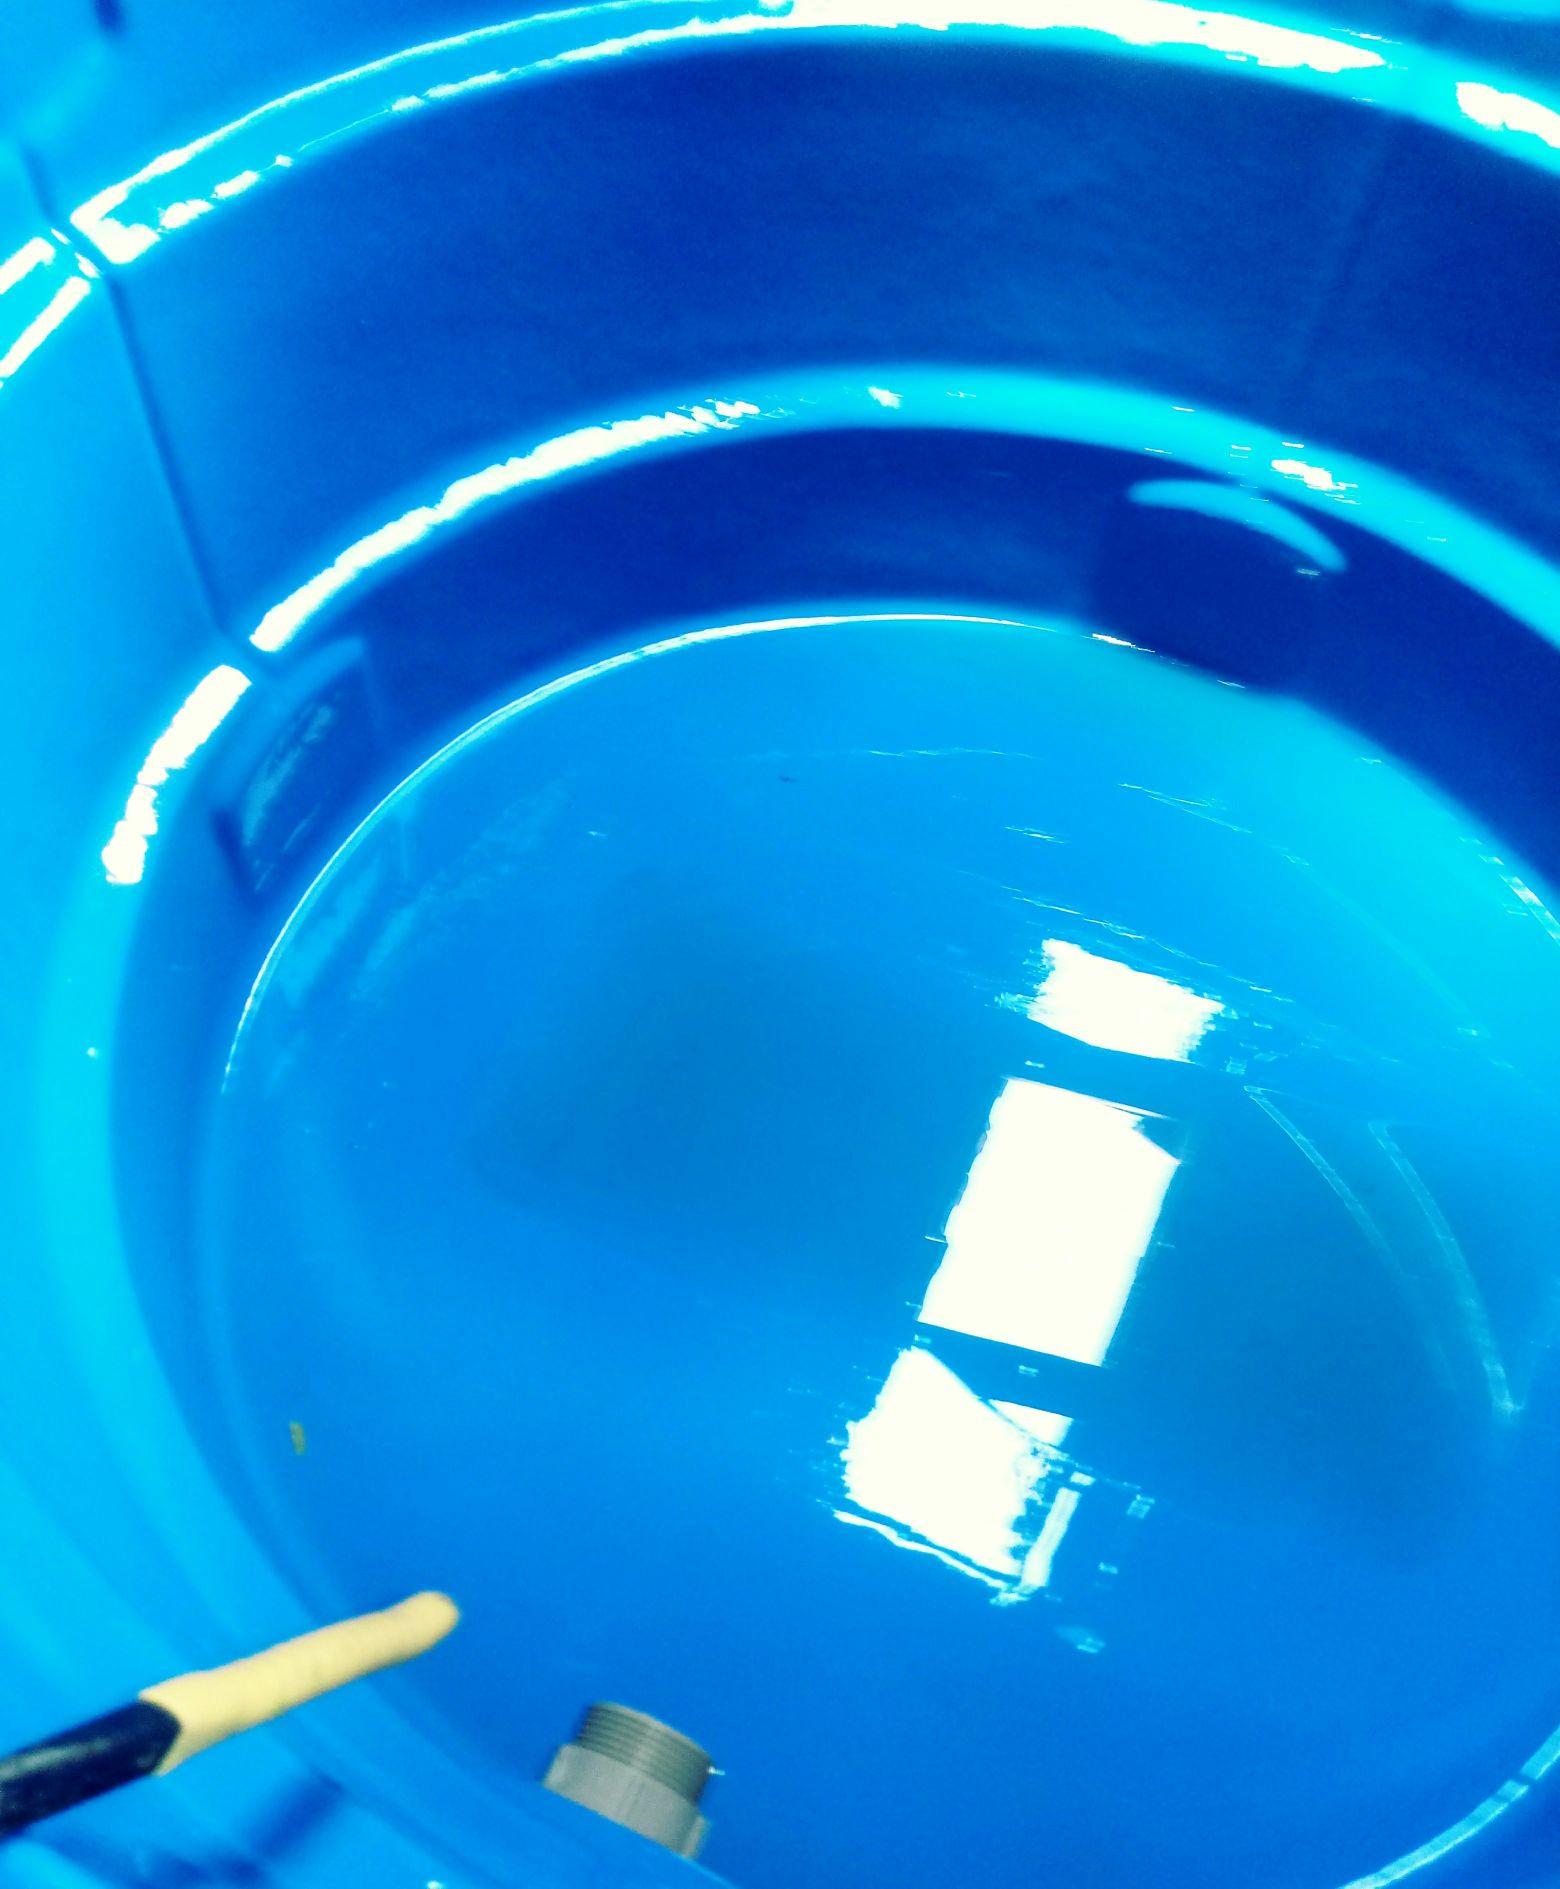 Limpeza de caixa d'água, realizada em residência.